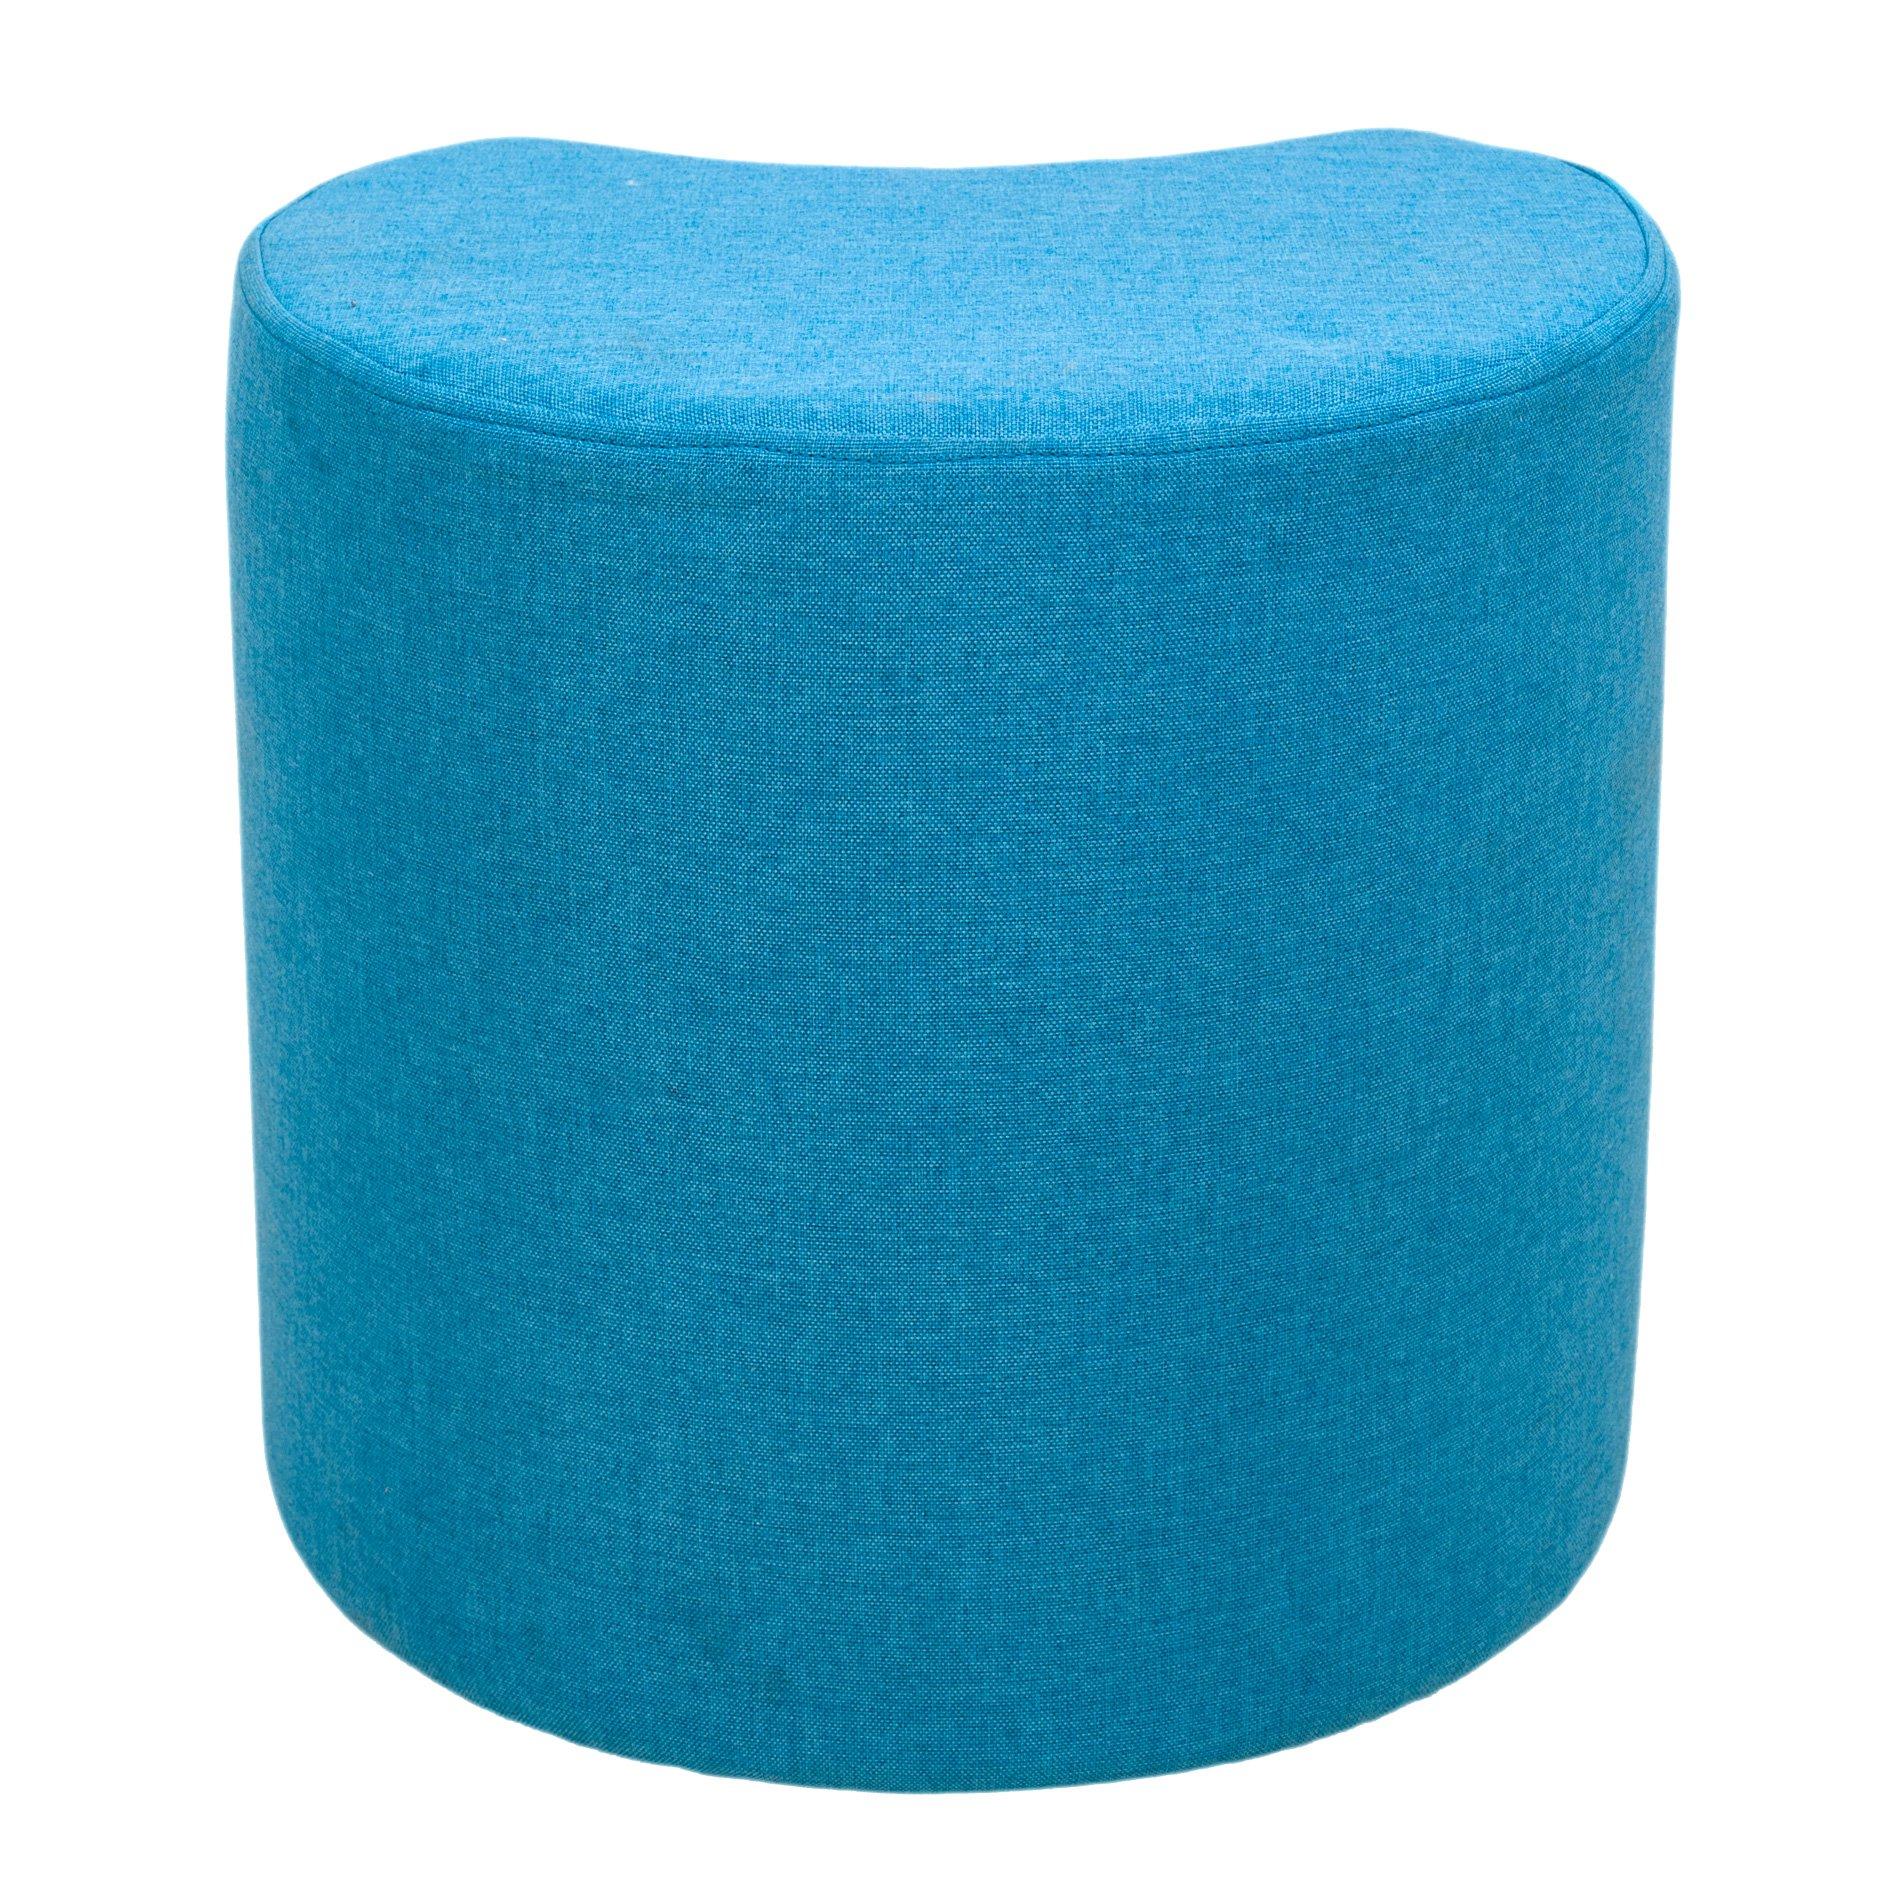 HOUSE NORDIC Colore Pouf Gamby in Velluto Blu con Base in Acciaio Ottone